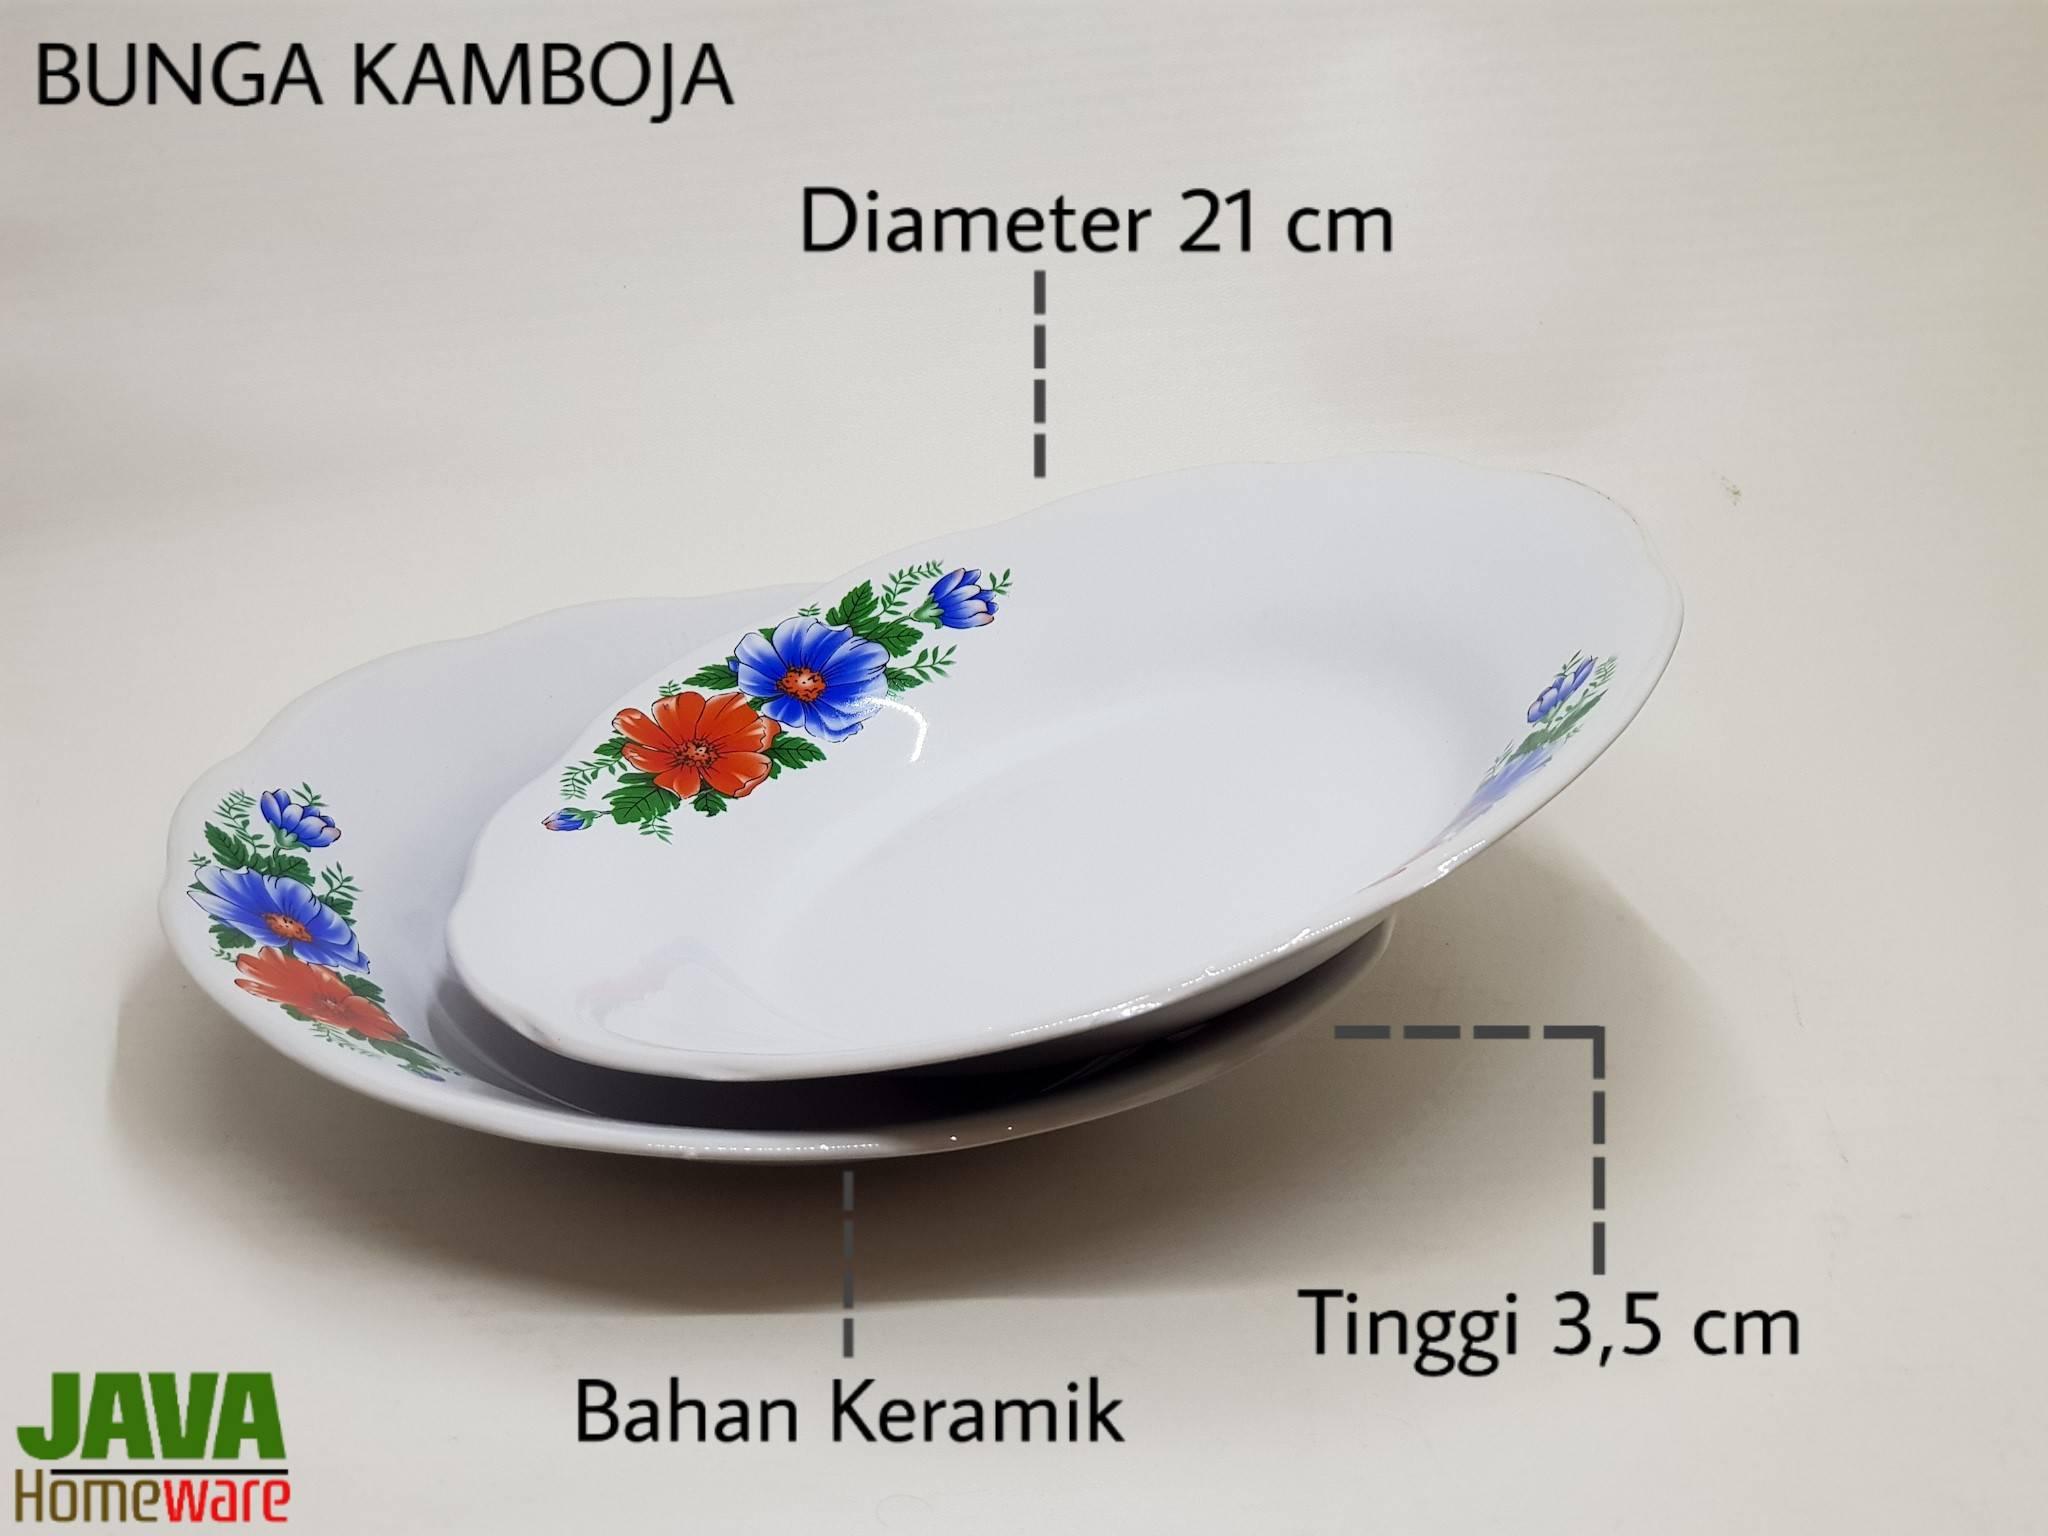 Piring Bunga Kamboja